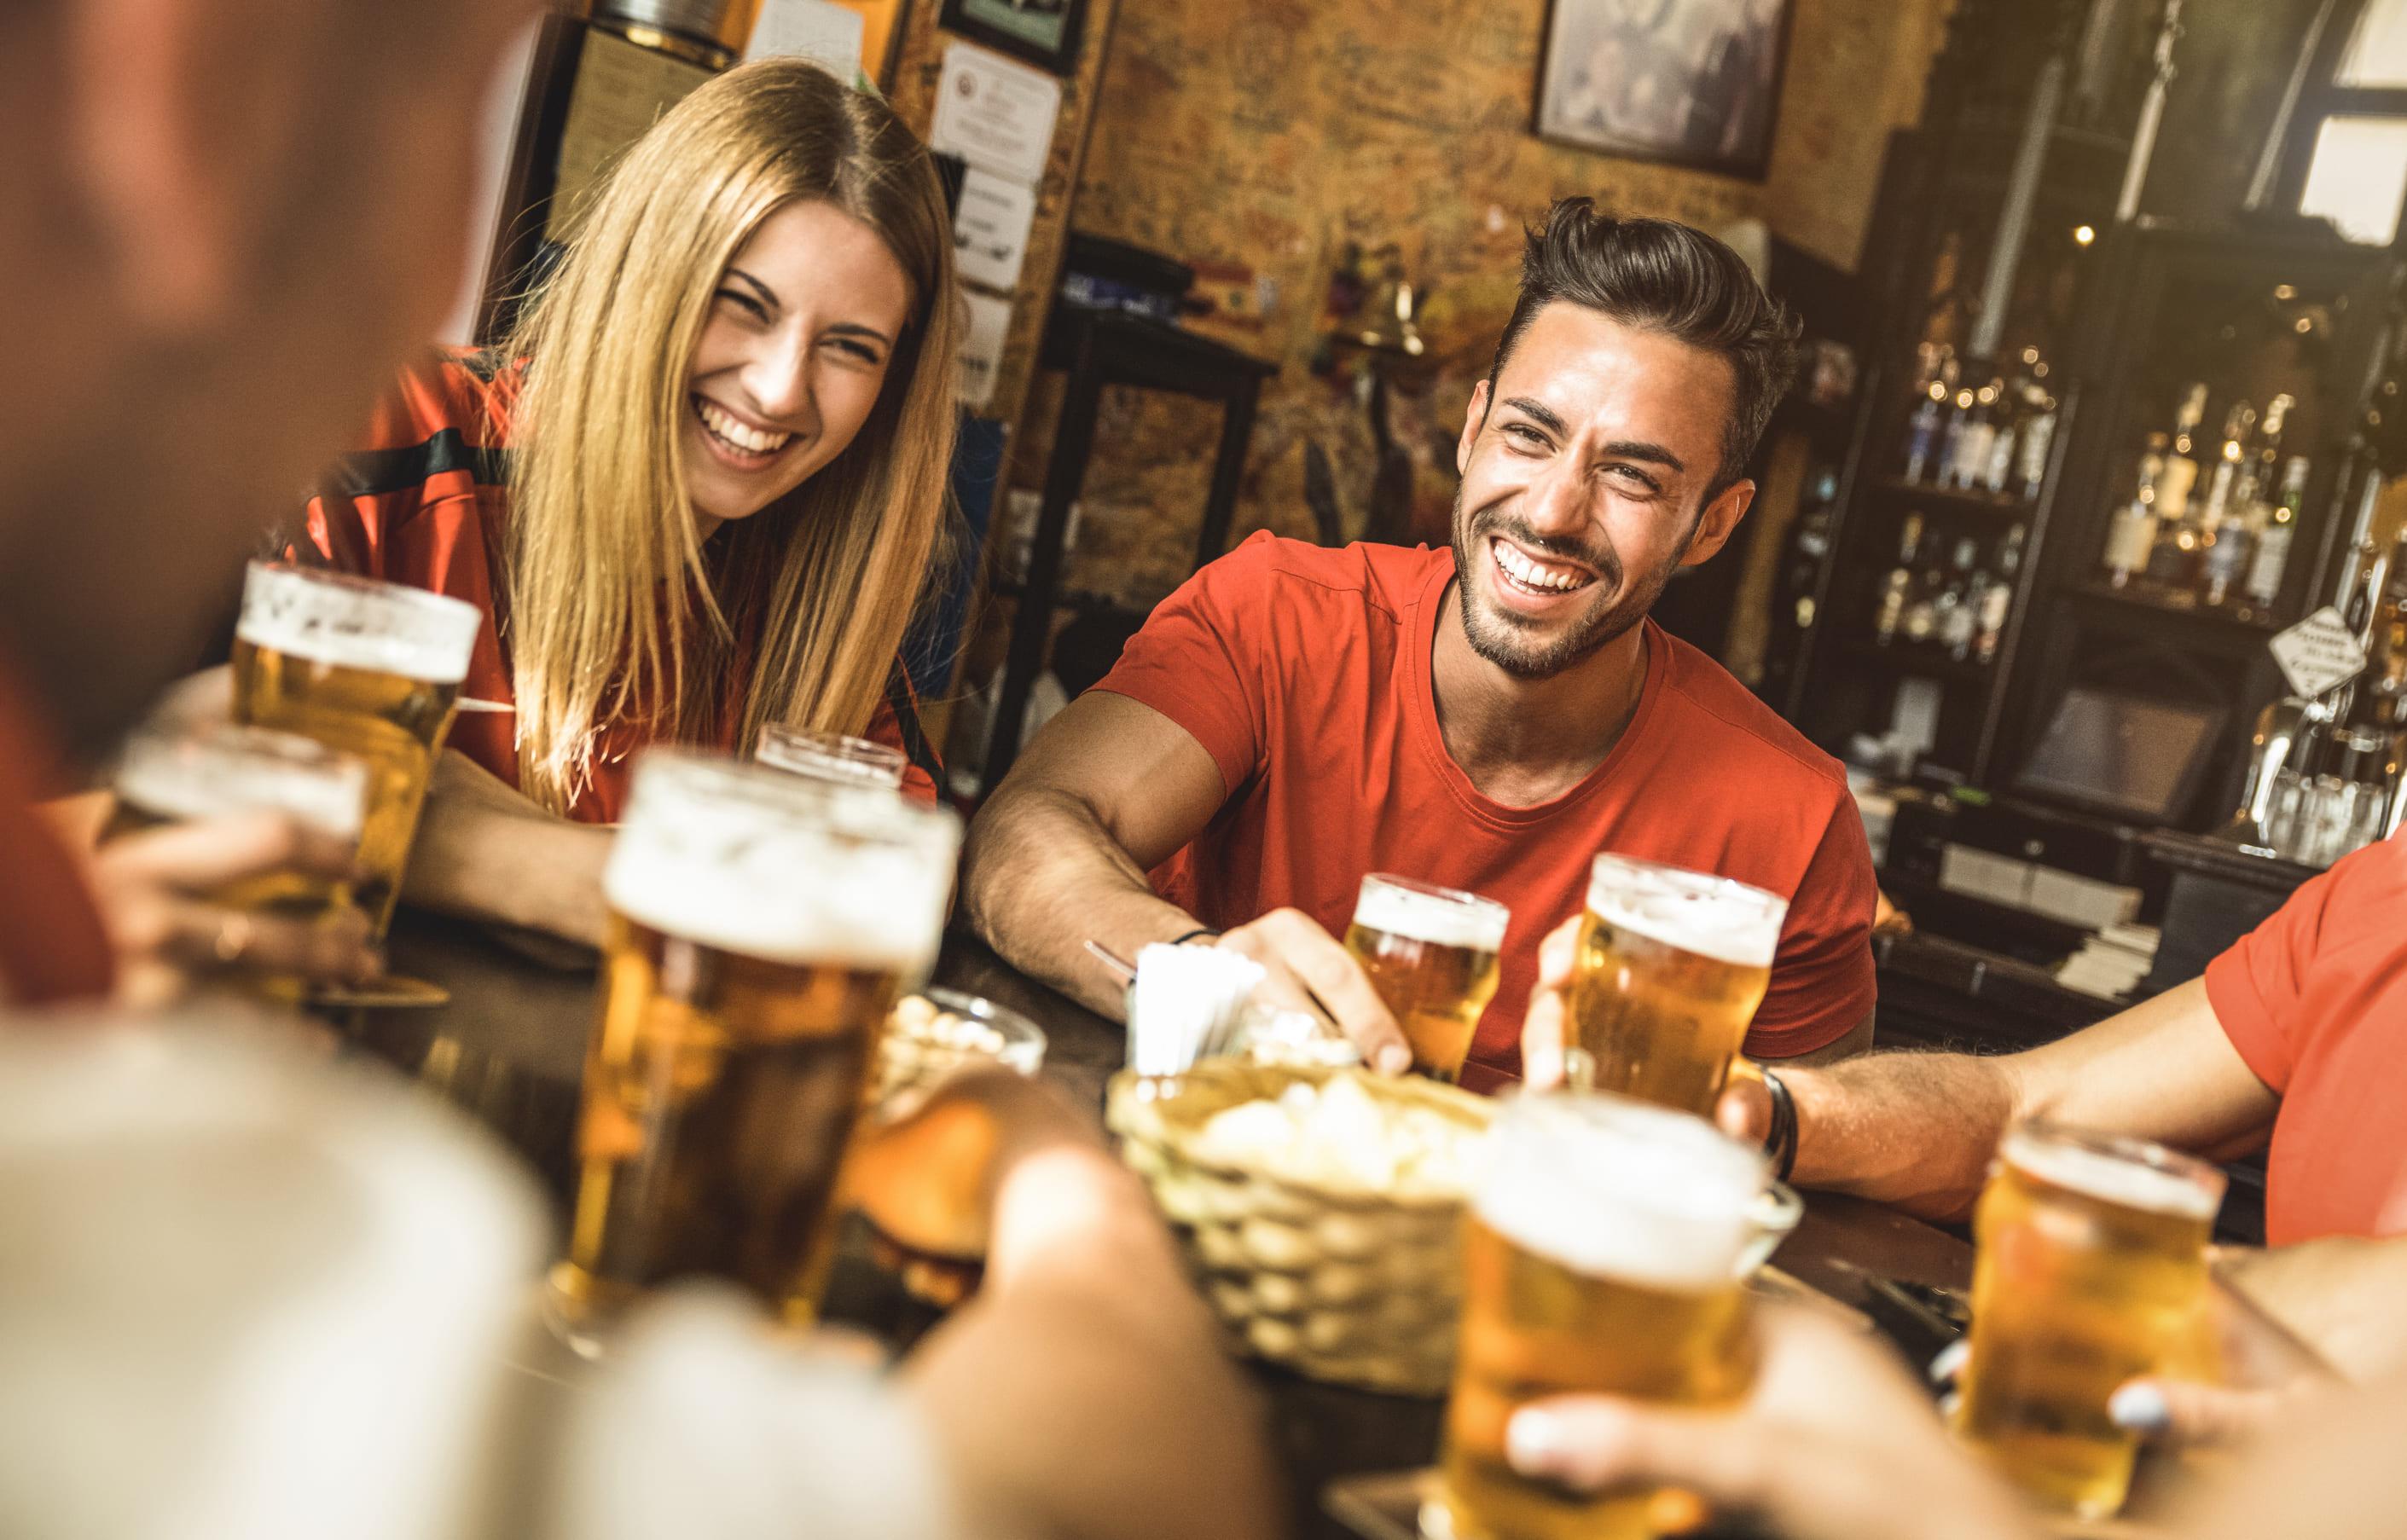 Imagem de amigos tomando cerveja depois que um empreendedor resolveu abrir um bar na cidade